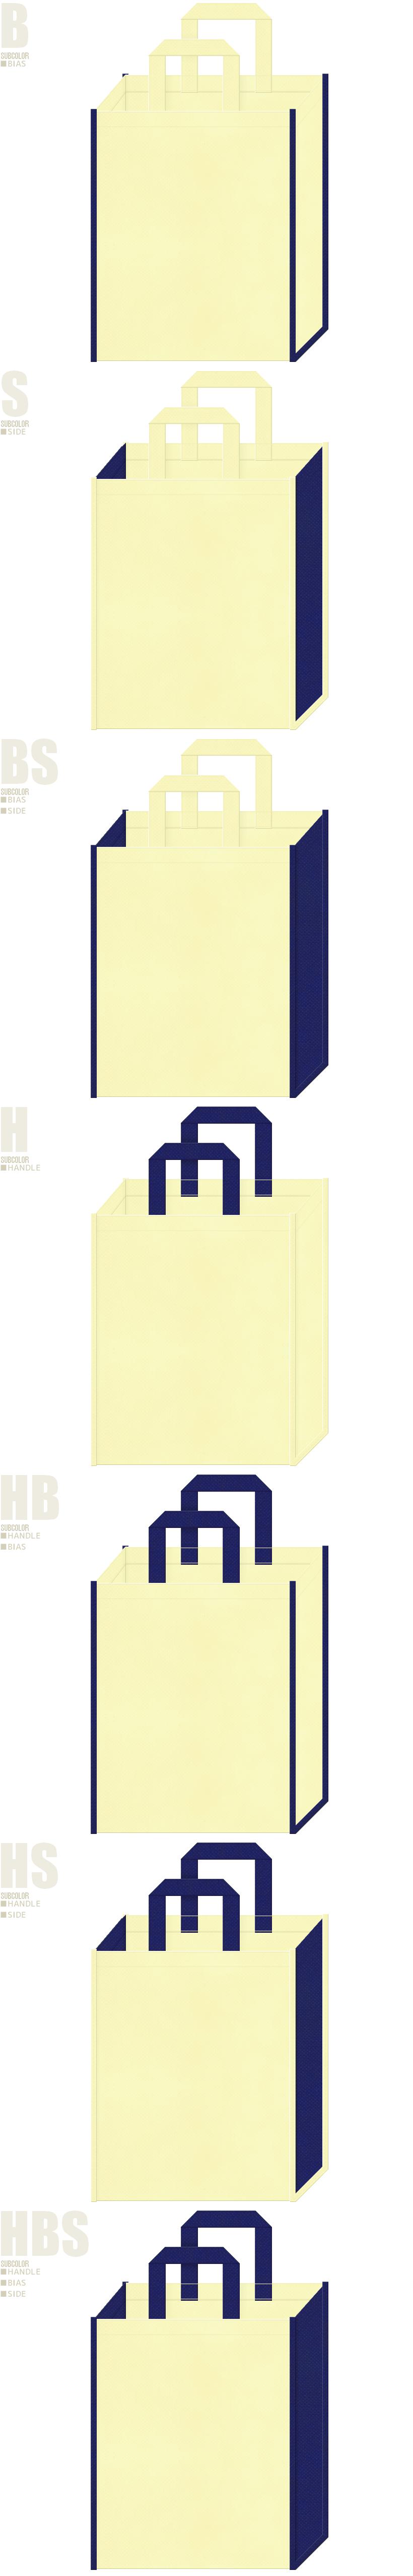 学校・オープンキャンパス・学習塾・レッスンバッグにお奨めの不織布バッグデザイン:薄黄色と明るい紺色の配色7パターン。